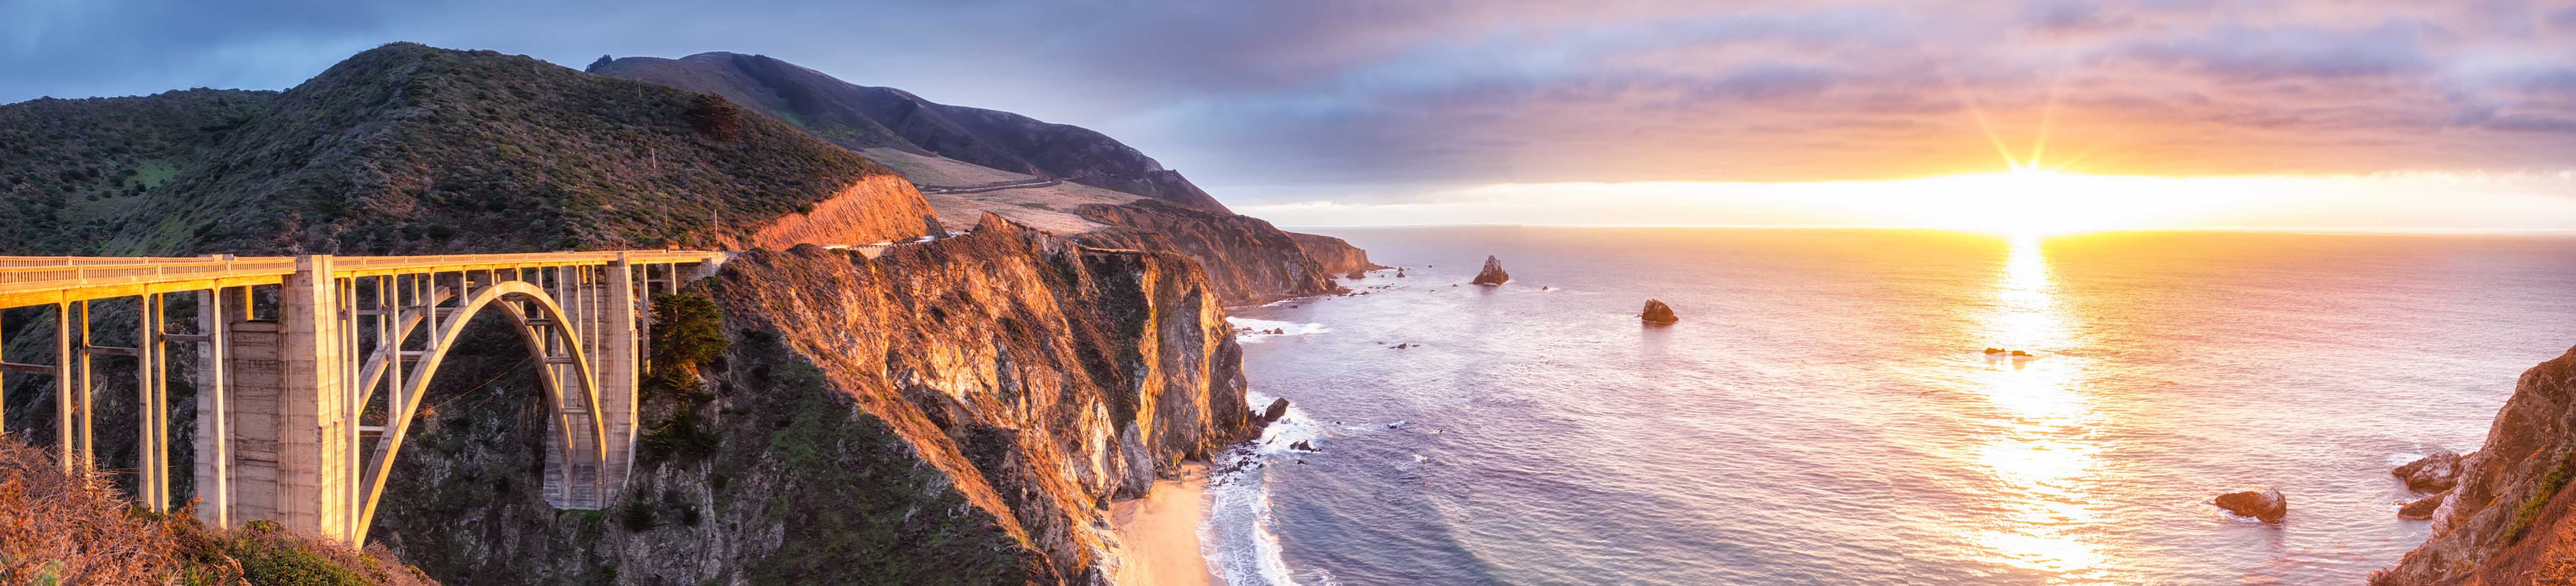 Côte Ouest des USA  : un voyage au cœur de la nature !